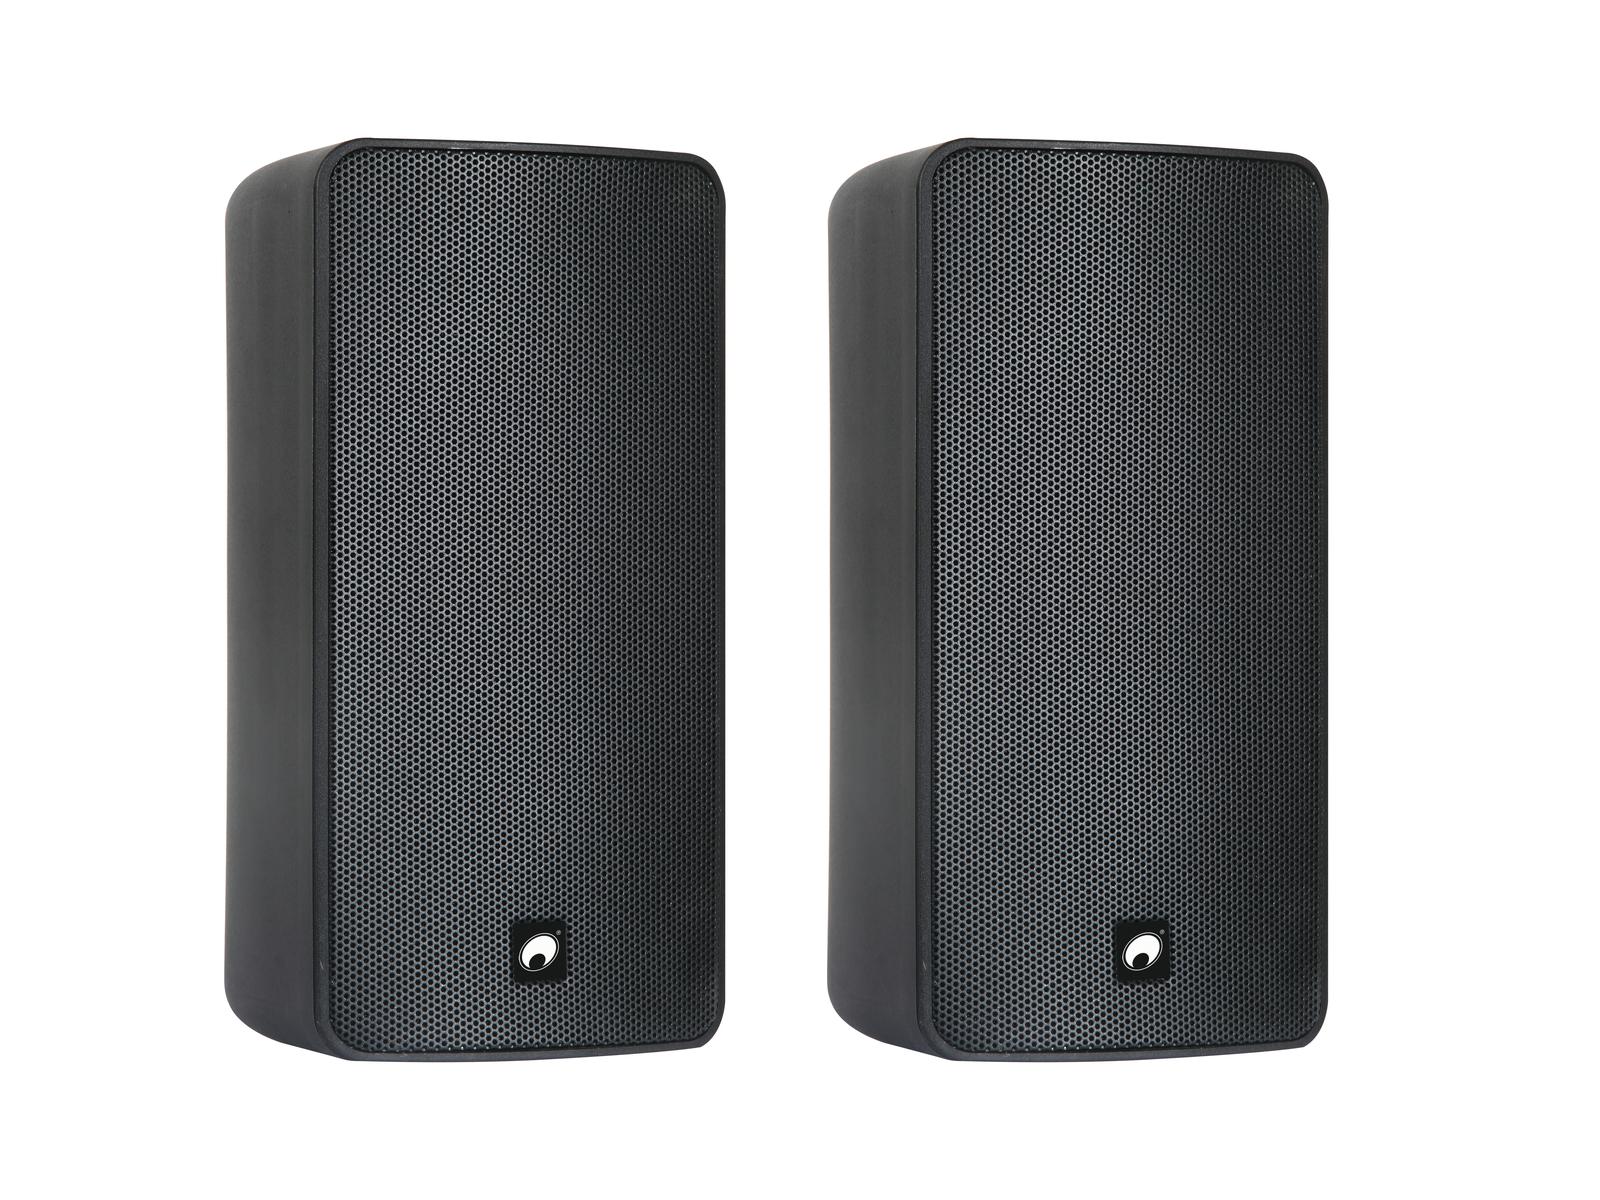 OMNITRONIC ODP-206T Installationslautsprecher 100V schwarz 2x